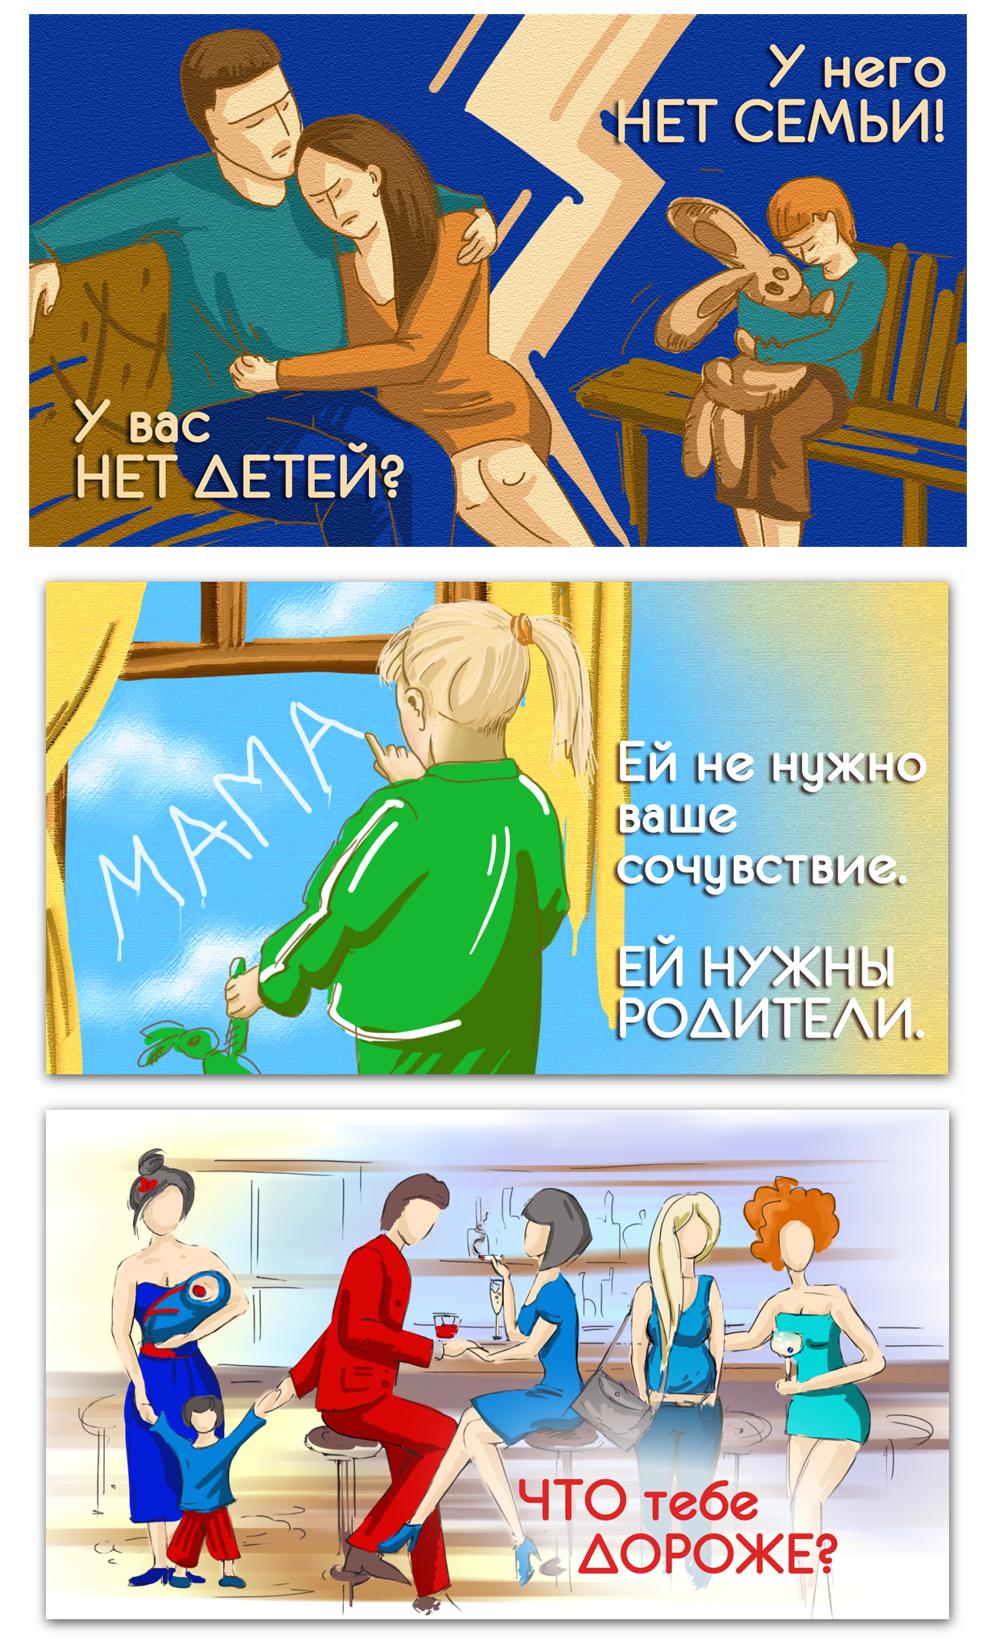 социальные открытки: